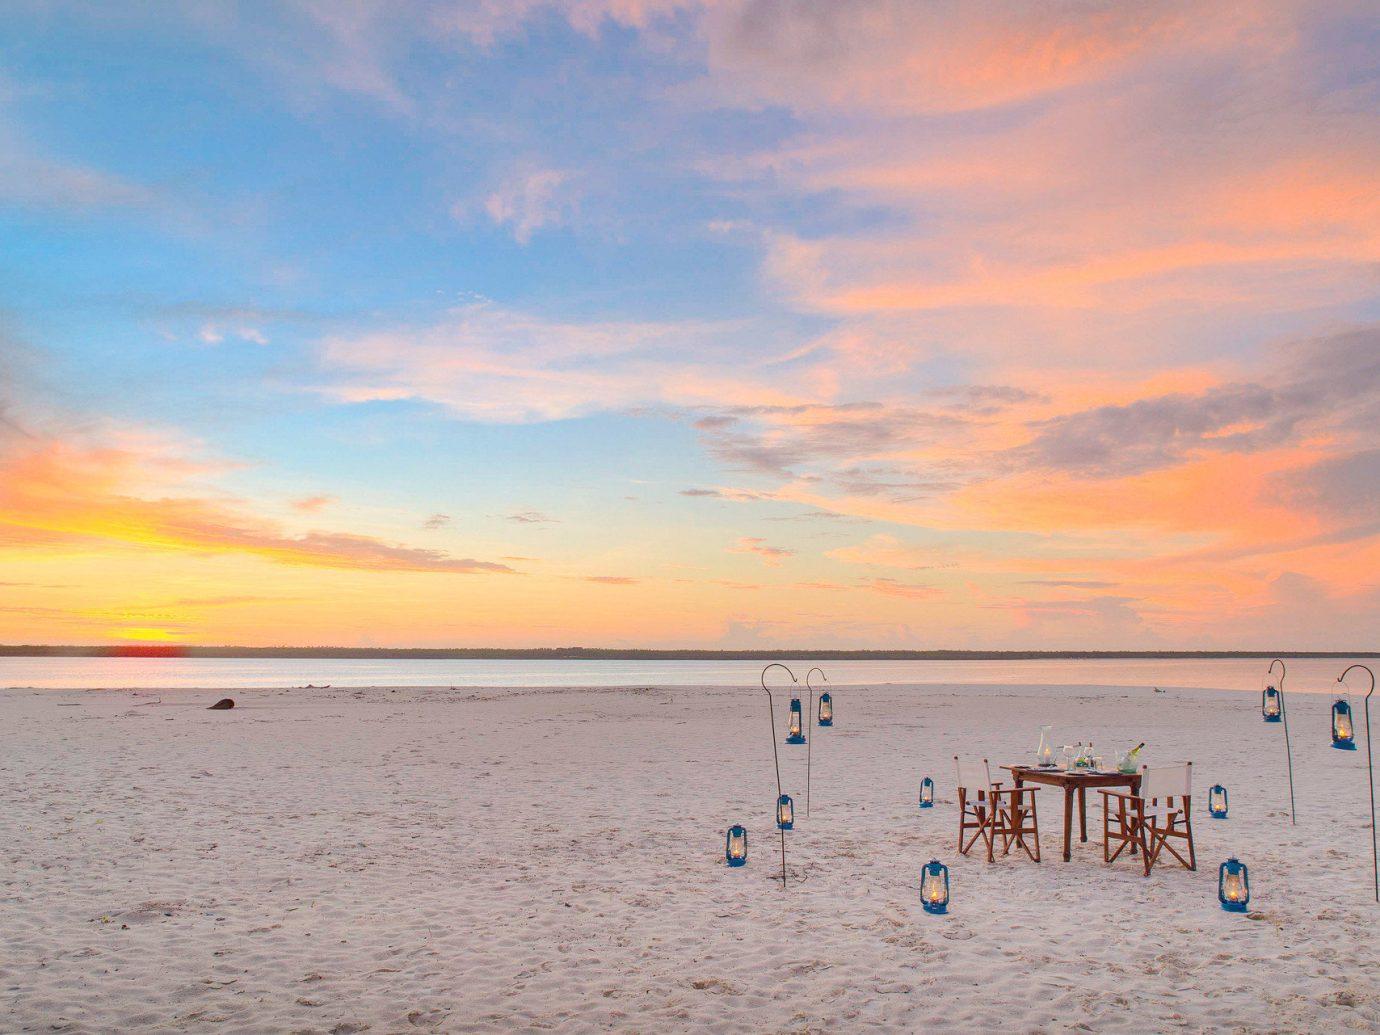 Beach at andBeyond Mnemba Island, Zanzibar